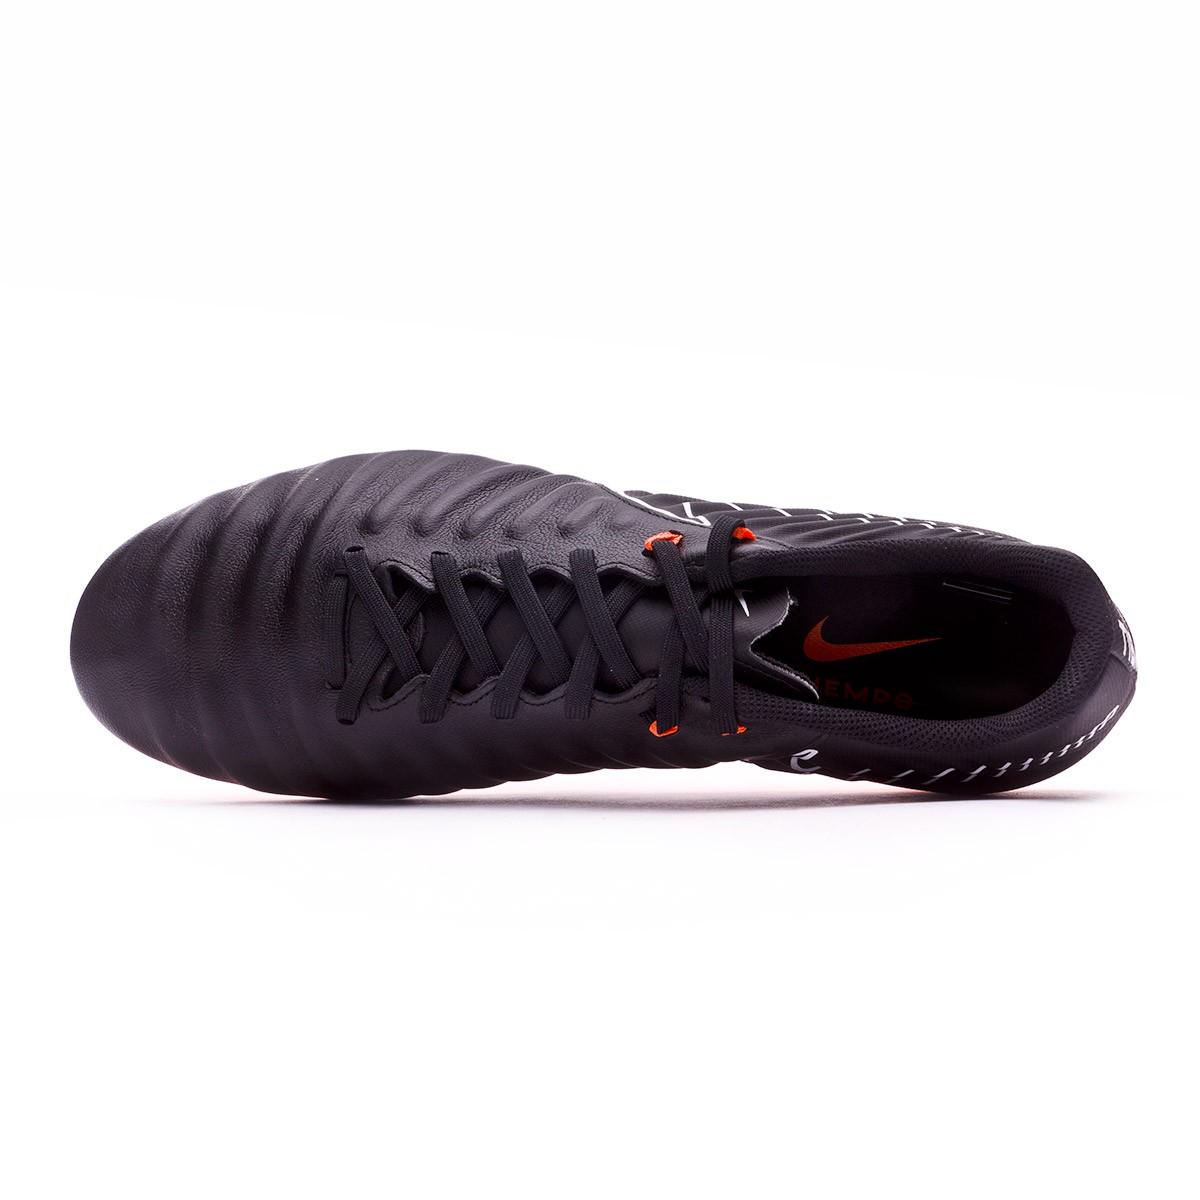 a6117b2c92b48 Zapatos de fútbol Nike Tiempo Legend VII Academy SG Black-Total  orange-White - Tienda de fútbol Fútbol Emotion